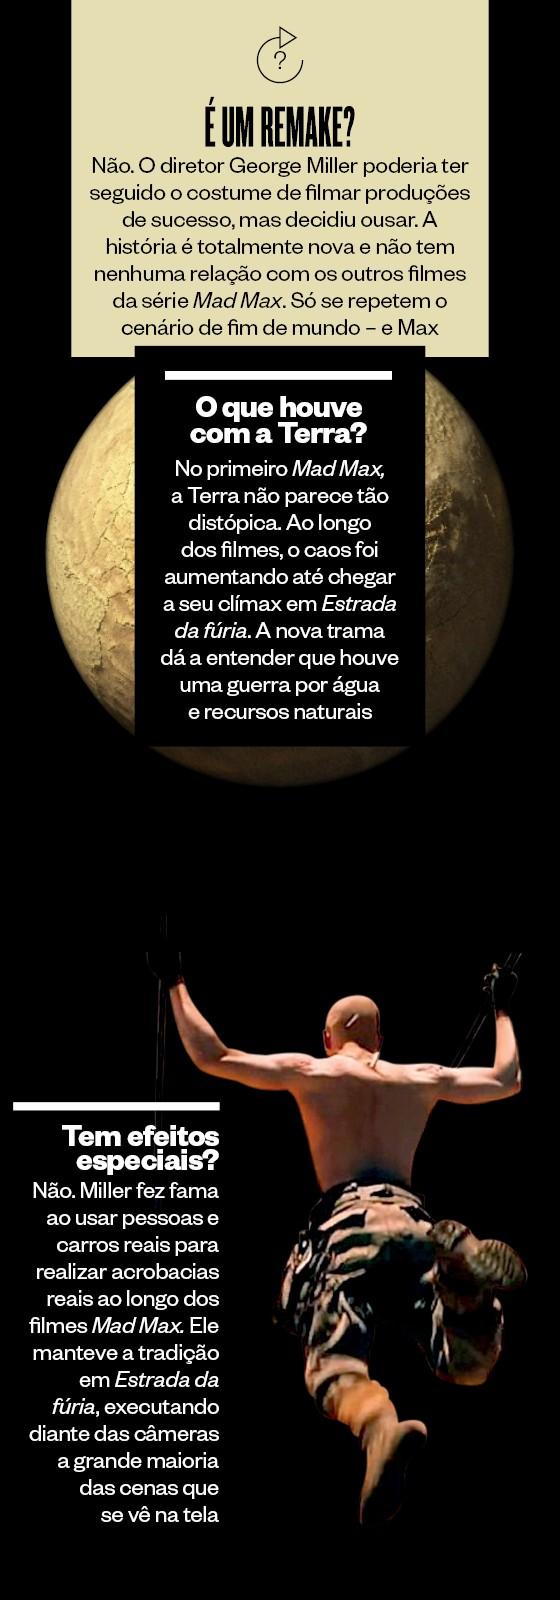 Dicas para entender o universo Mad Max  (Foto: Divulgação (3) e Jasin Boland (2))